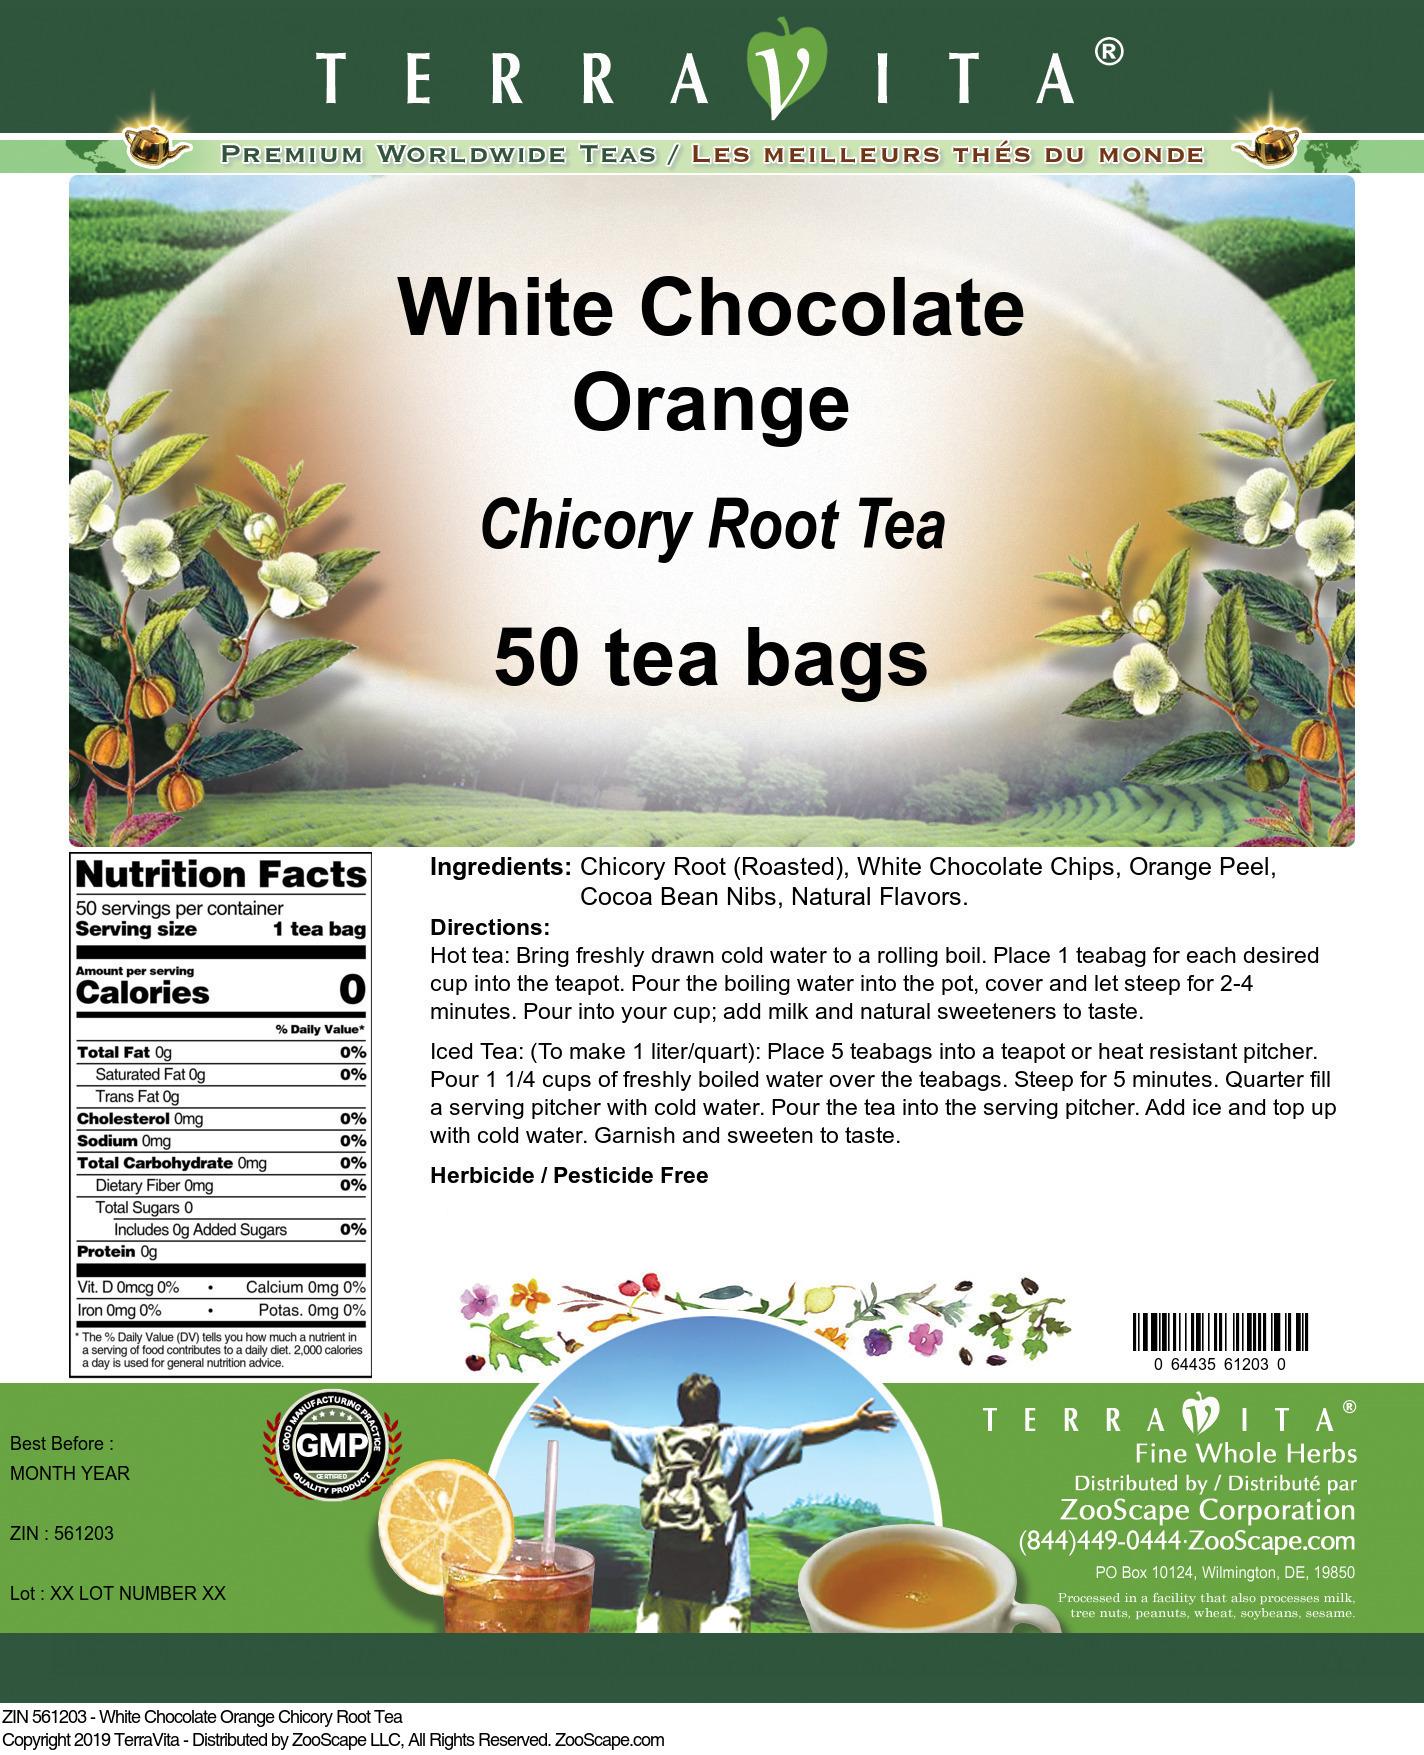 White Chocolate Orange Chicory Root